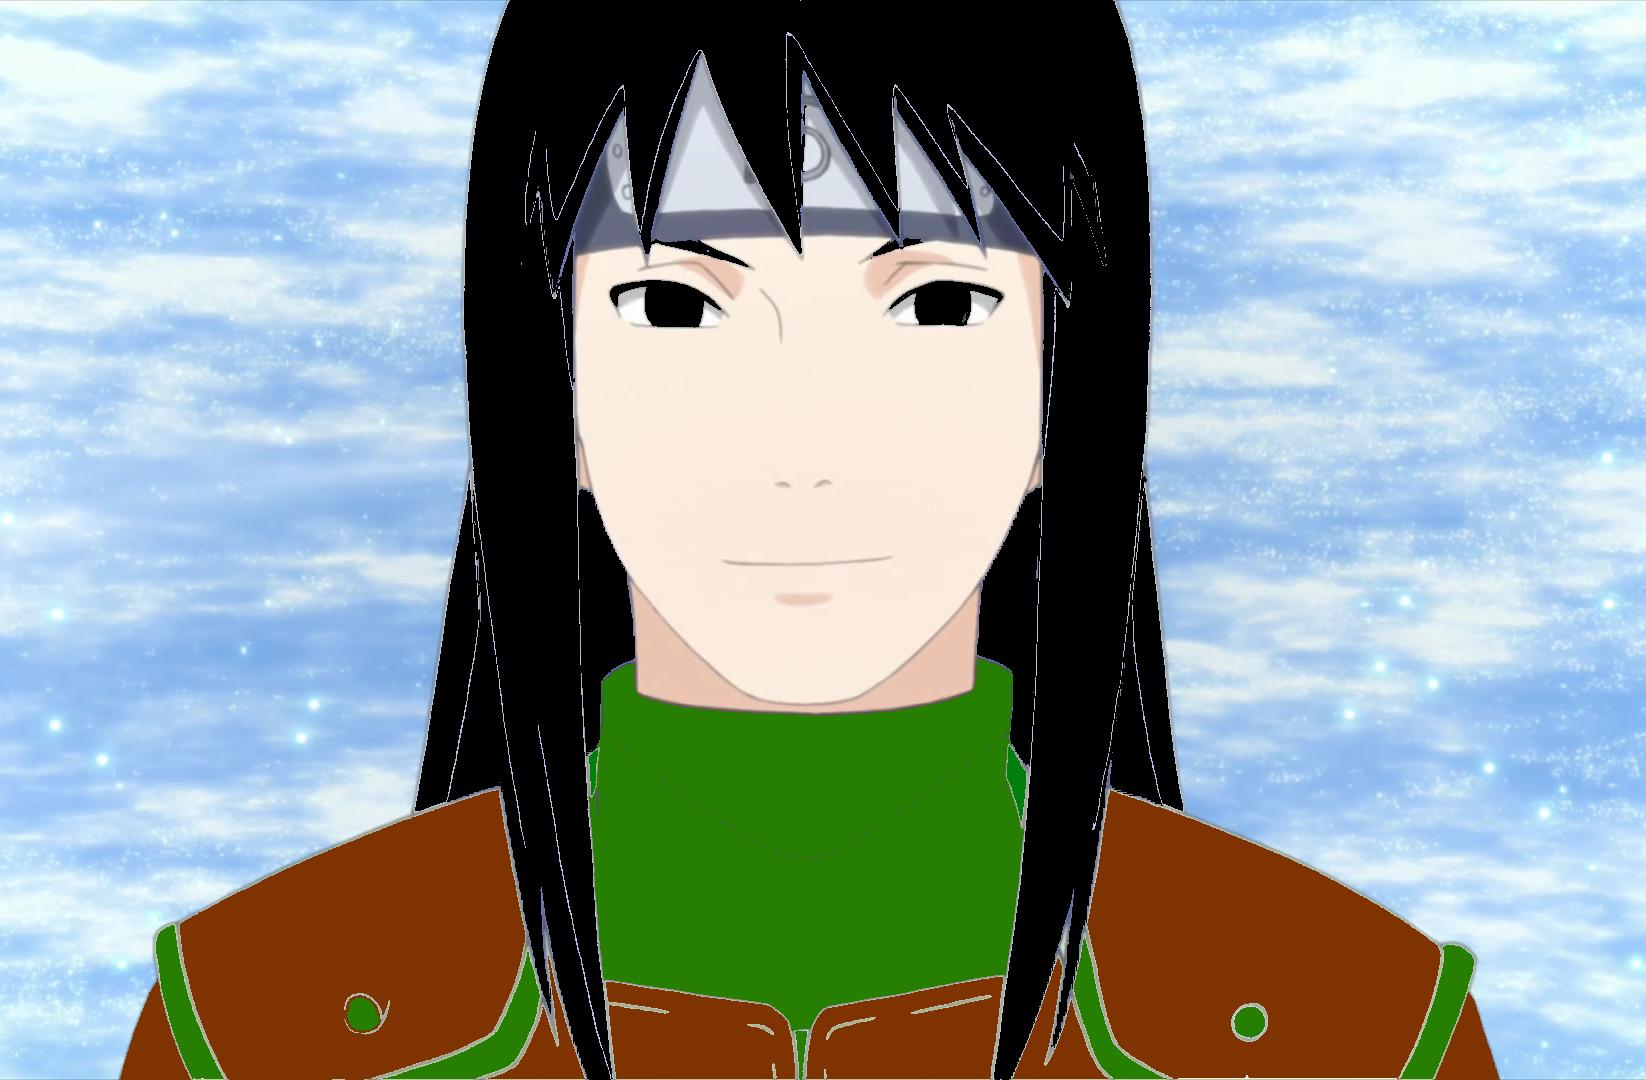 Kojoma senju naruto akkipuden wiki fandom powered by wikia - Naruto akkipuden ...